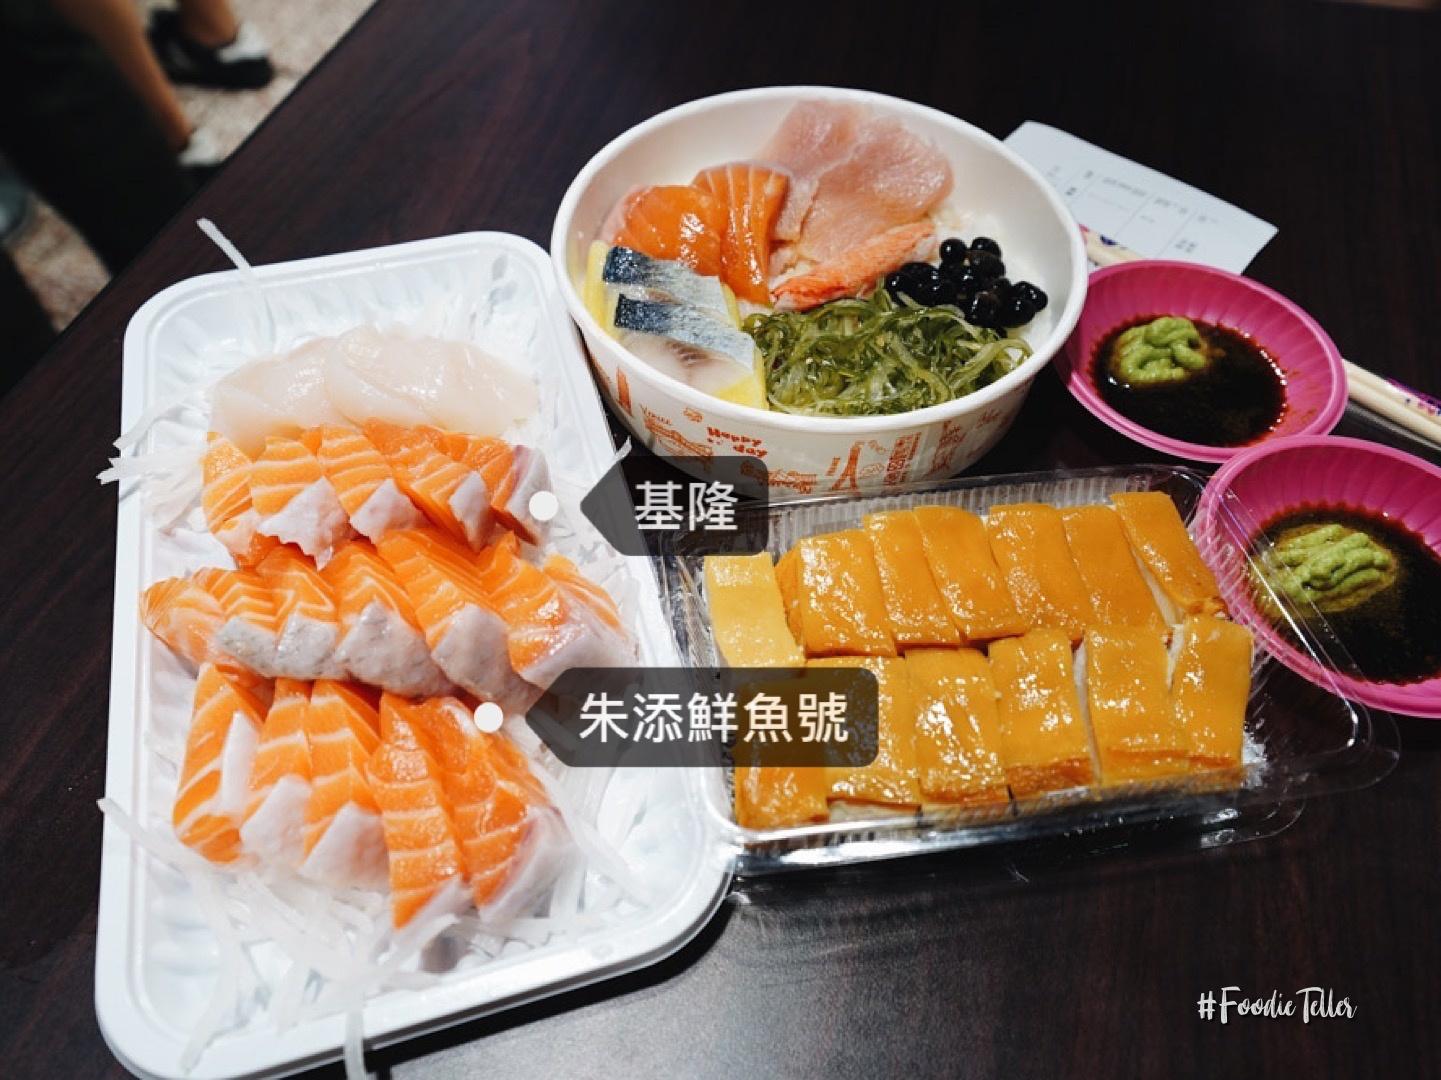 基隆仁愛市場朱添鮮魚號生魚片|開到凌晨4點宵夜場新鮮鮭魚生魚片就在這!